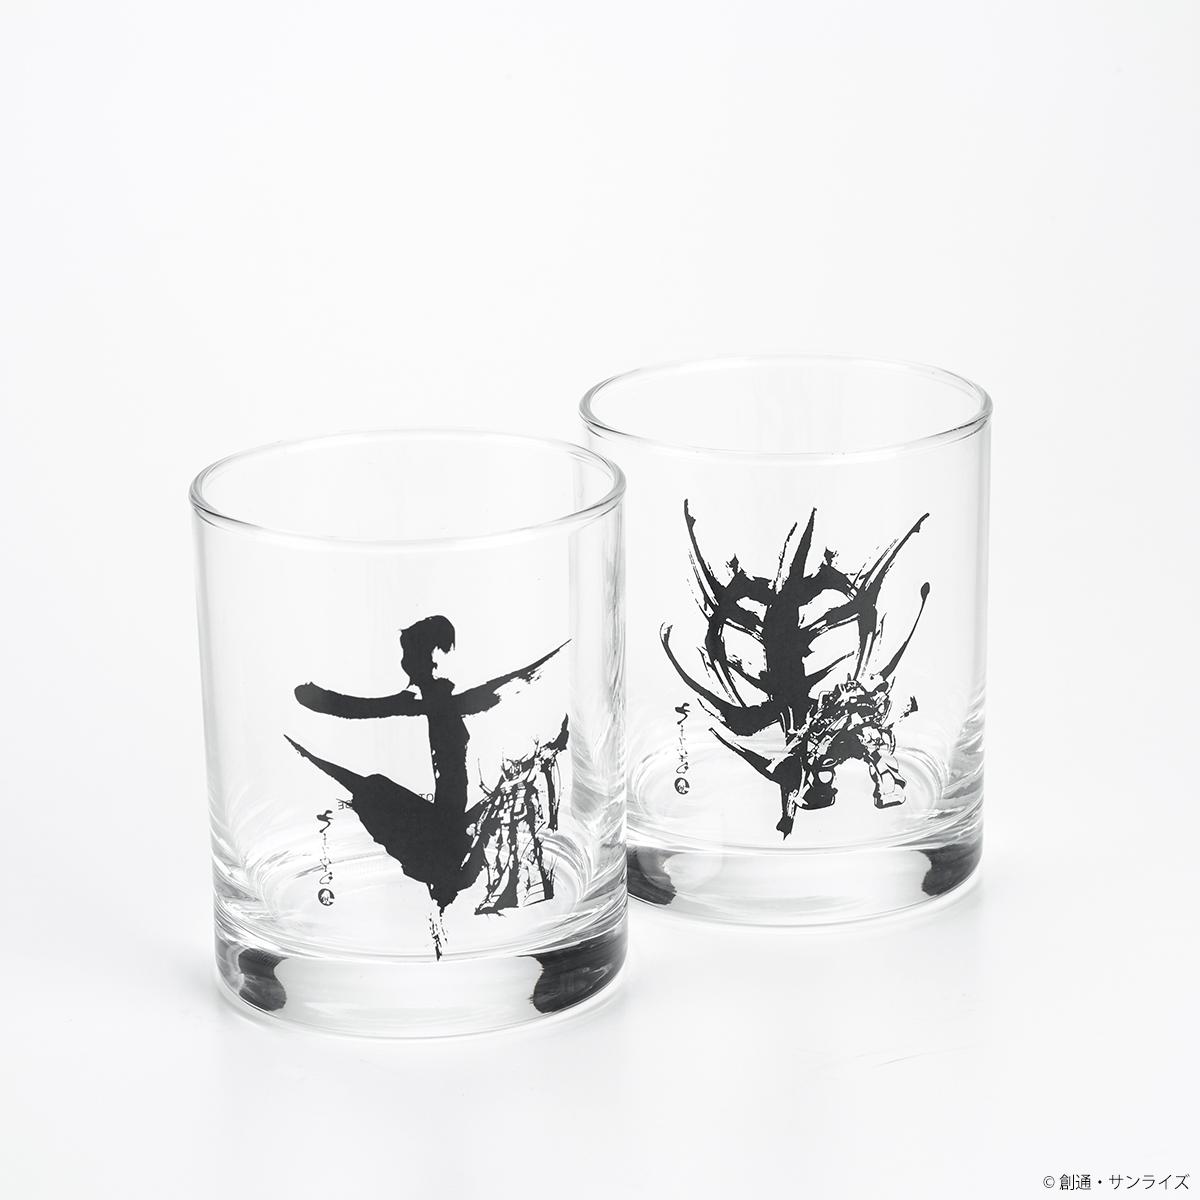 STRICT-G JAPAN 『機動戦士ガンダム』 タンブラーグラス ジオン軍筆絵